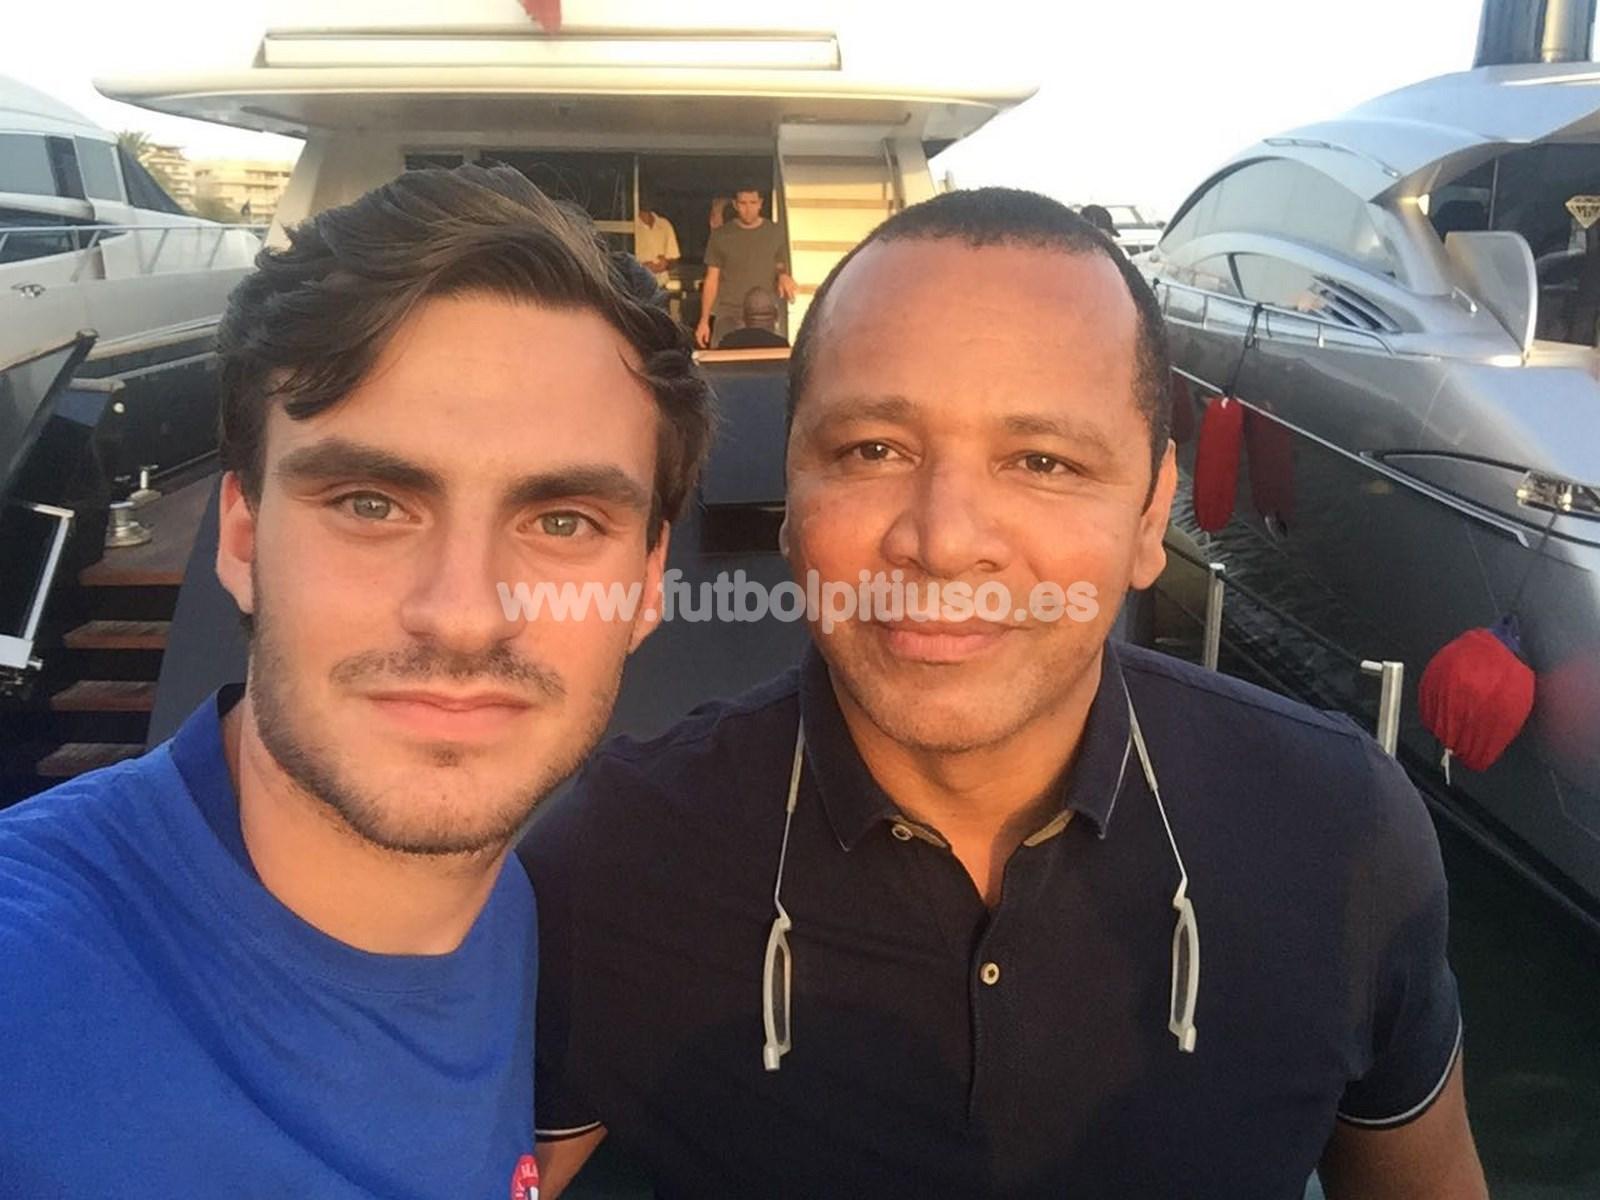 El padre del jugador del Barça también se retrató con Manu, el otro cazacracks  de Ibiza.